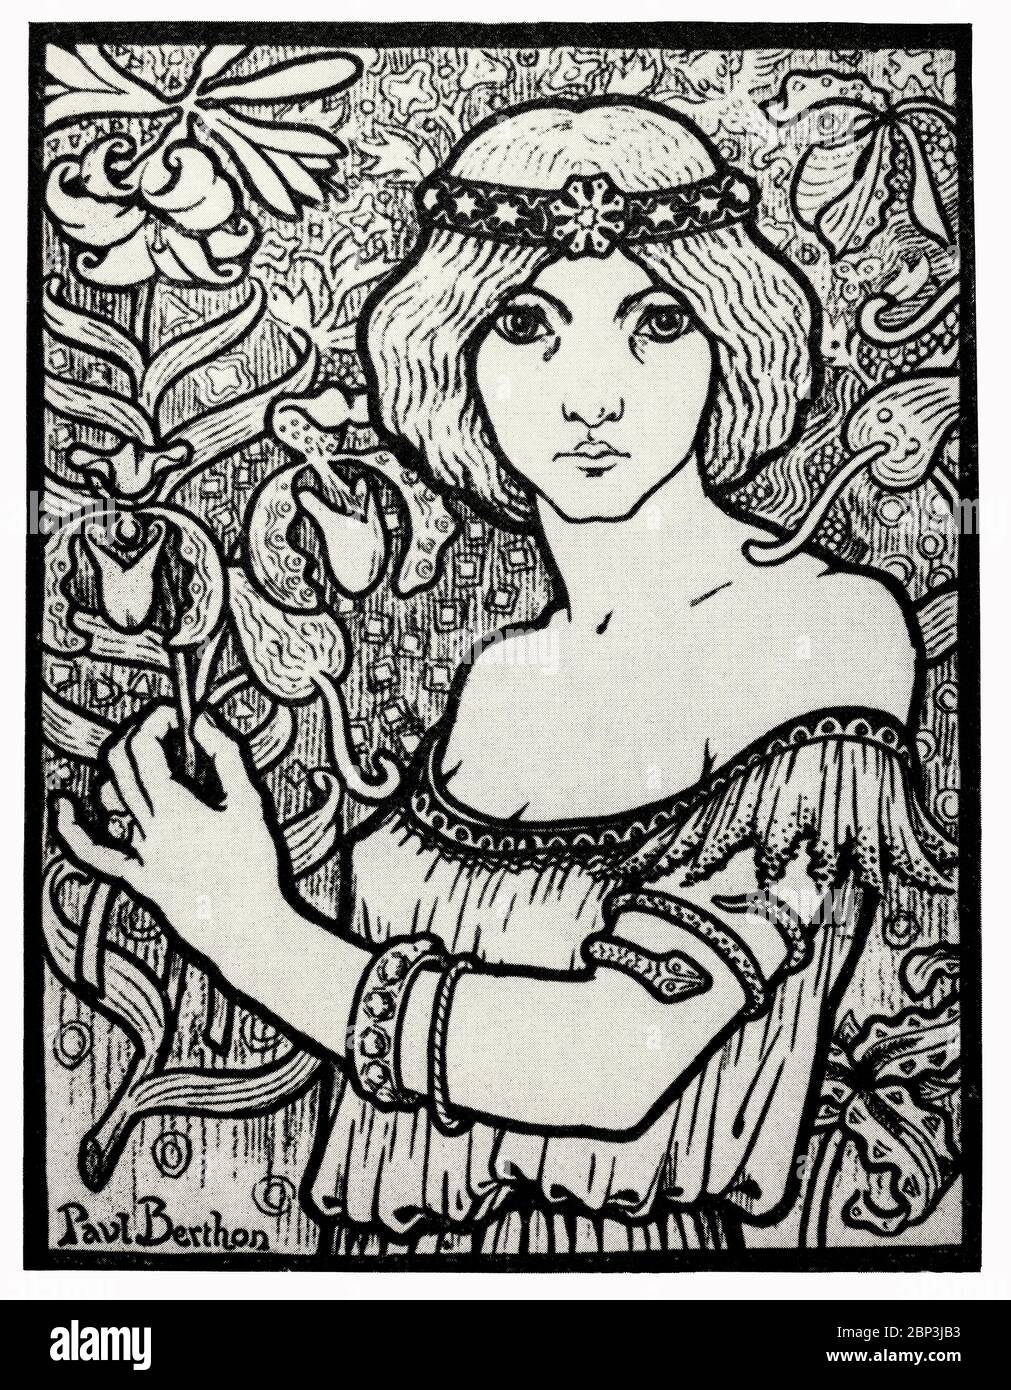 Un cartel para el 'Salon des Cent' de Paul Berthon (1872-1934), un artista francés que produjo principalmente carteles y litografías. Su obra es de estilo Art Nouveau, muy similar a su contemporáneo Alphonse Mucha. El estudio de Berthon sobre las artes decorativas influyó en su impresión, influyendo en las líneas fuertes y los detalles naturales que guiaron su arte. La gran mayoría de los carteles litografiados de Berthon no incluían anuncios y estaban destinados a ponerse de pie por sí mismos. Foto de stock